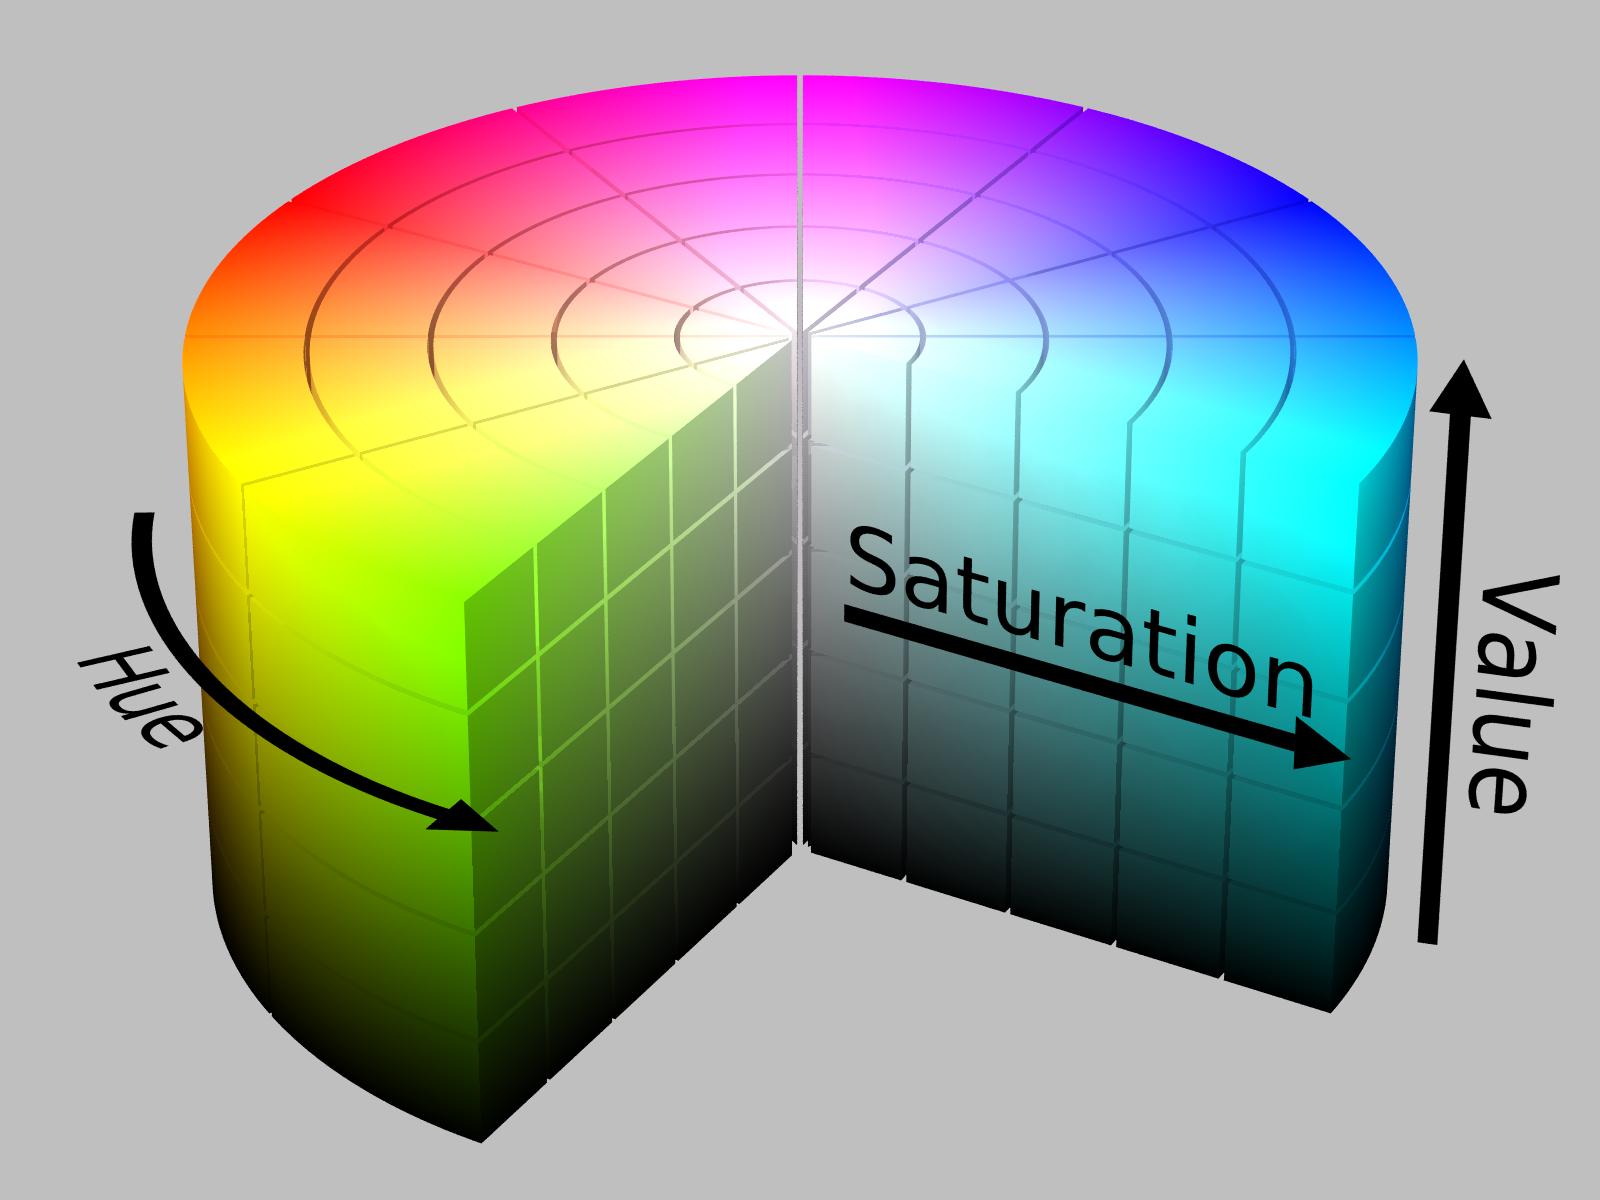 HSV_color_solid_cylinder_alpha_lowgamma.png